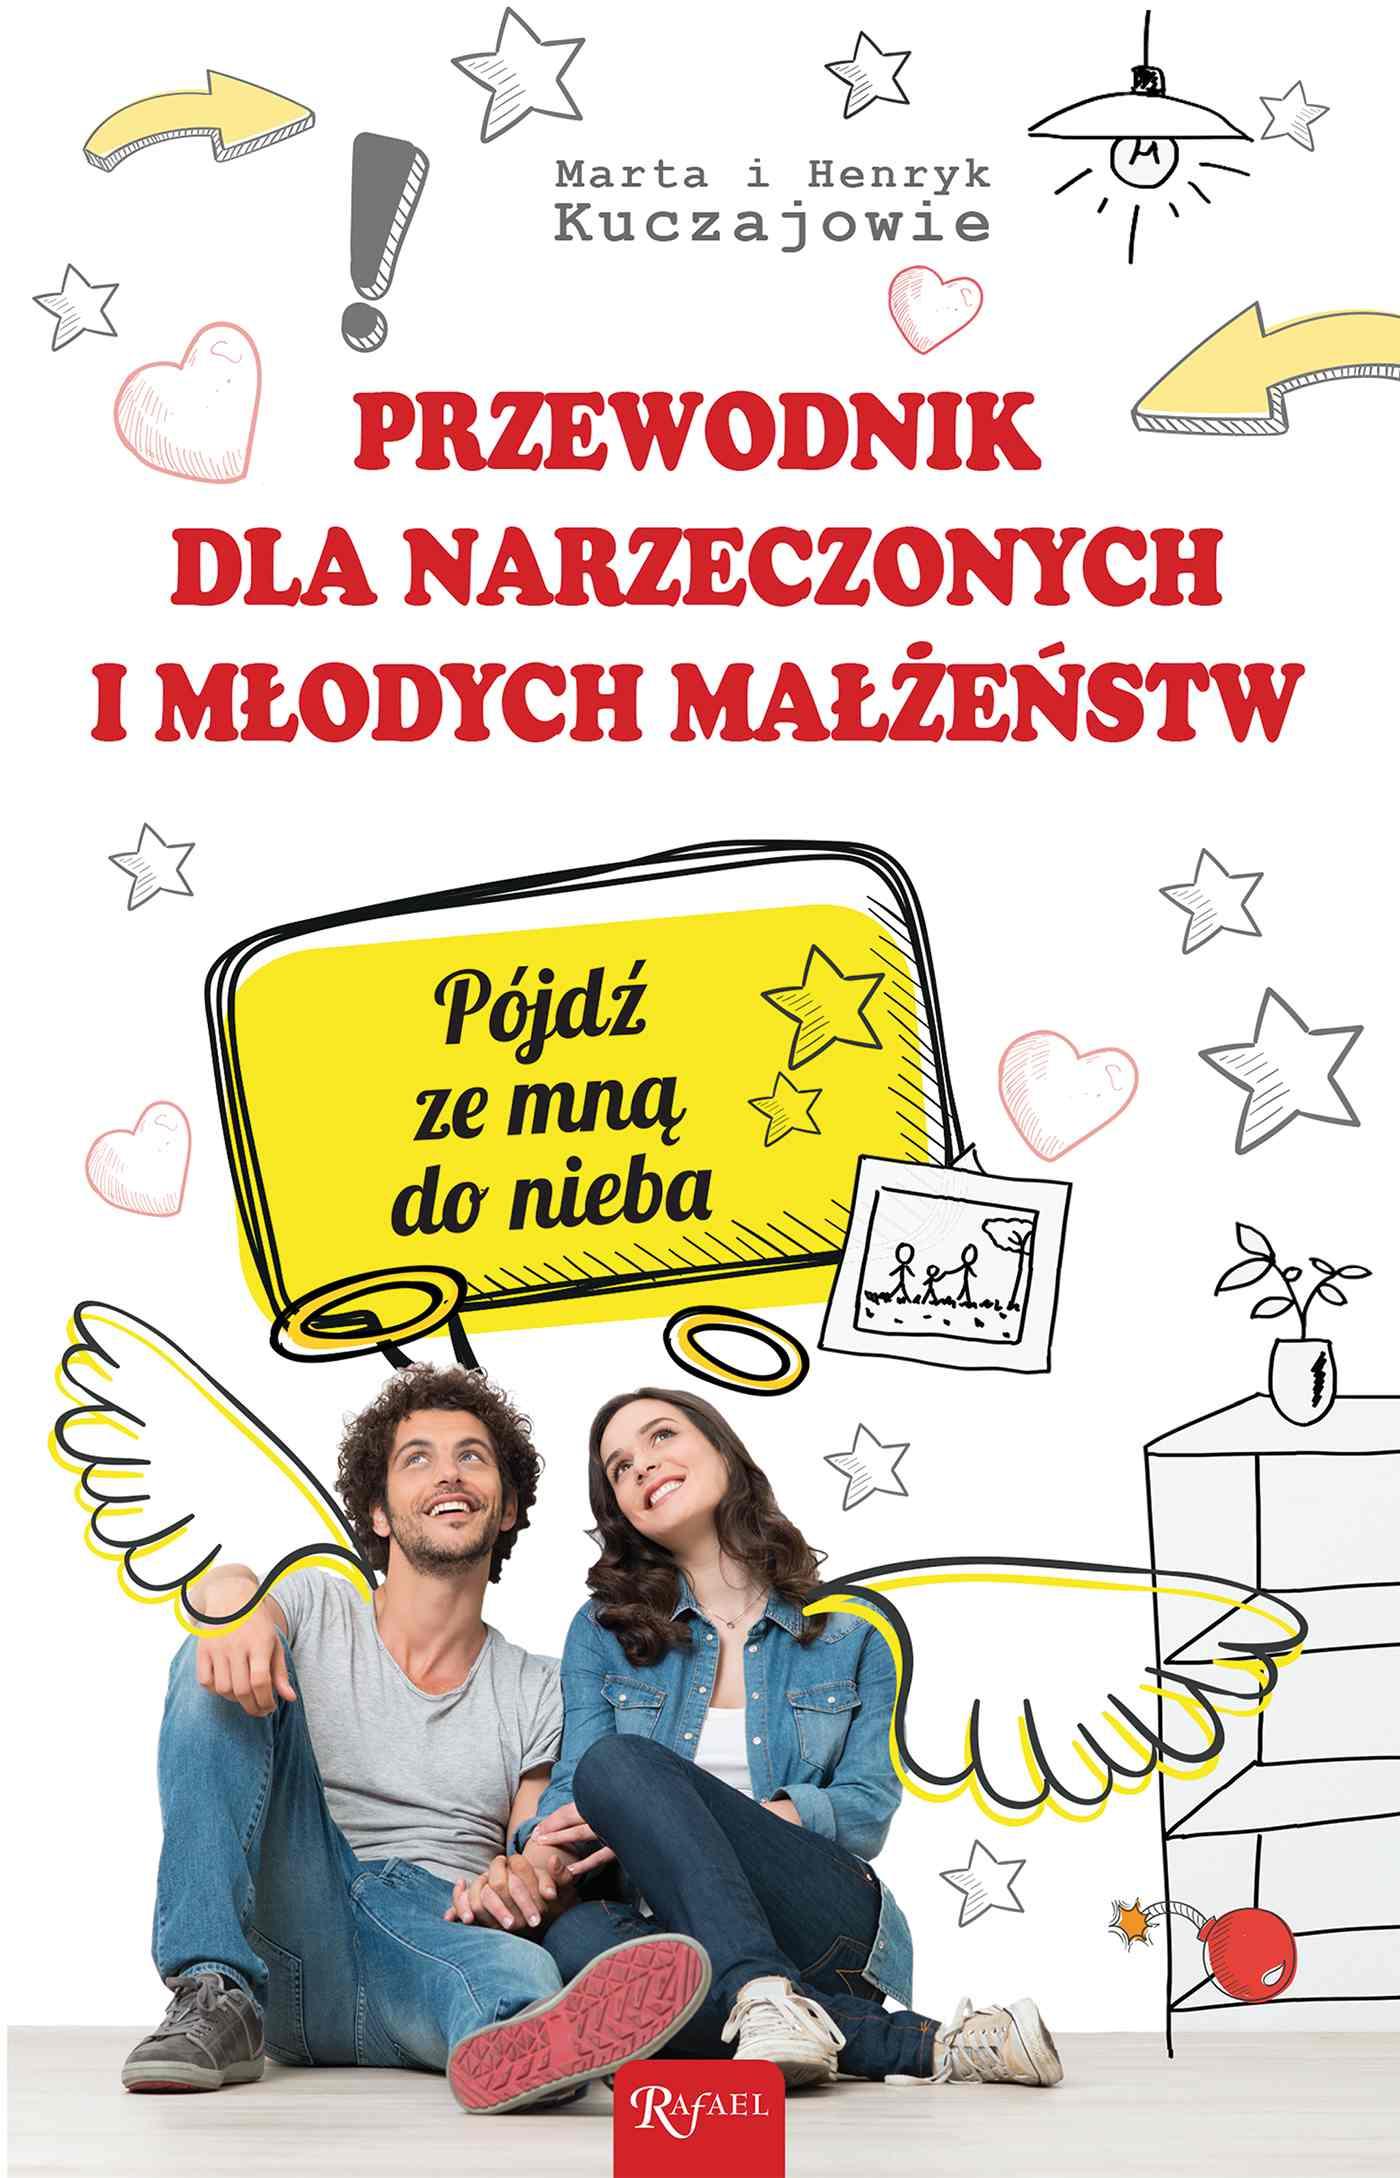 Przewodnik dla narzeczonych i młodych małżeństw - Ebook (Książka PDF) do pobrania w formacie PDF